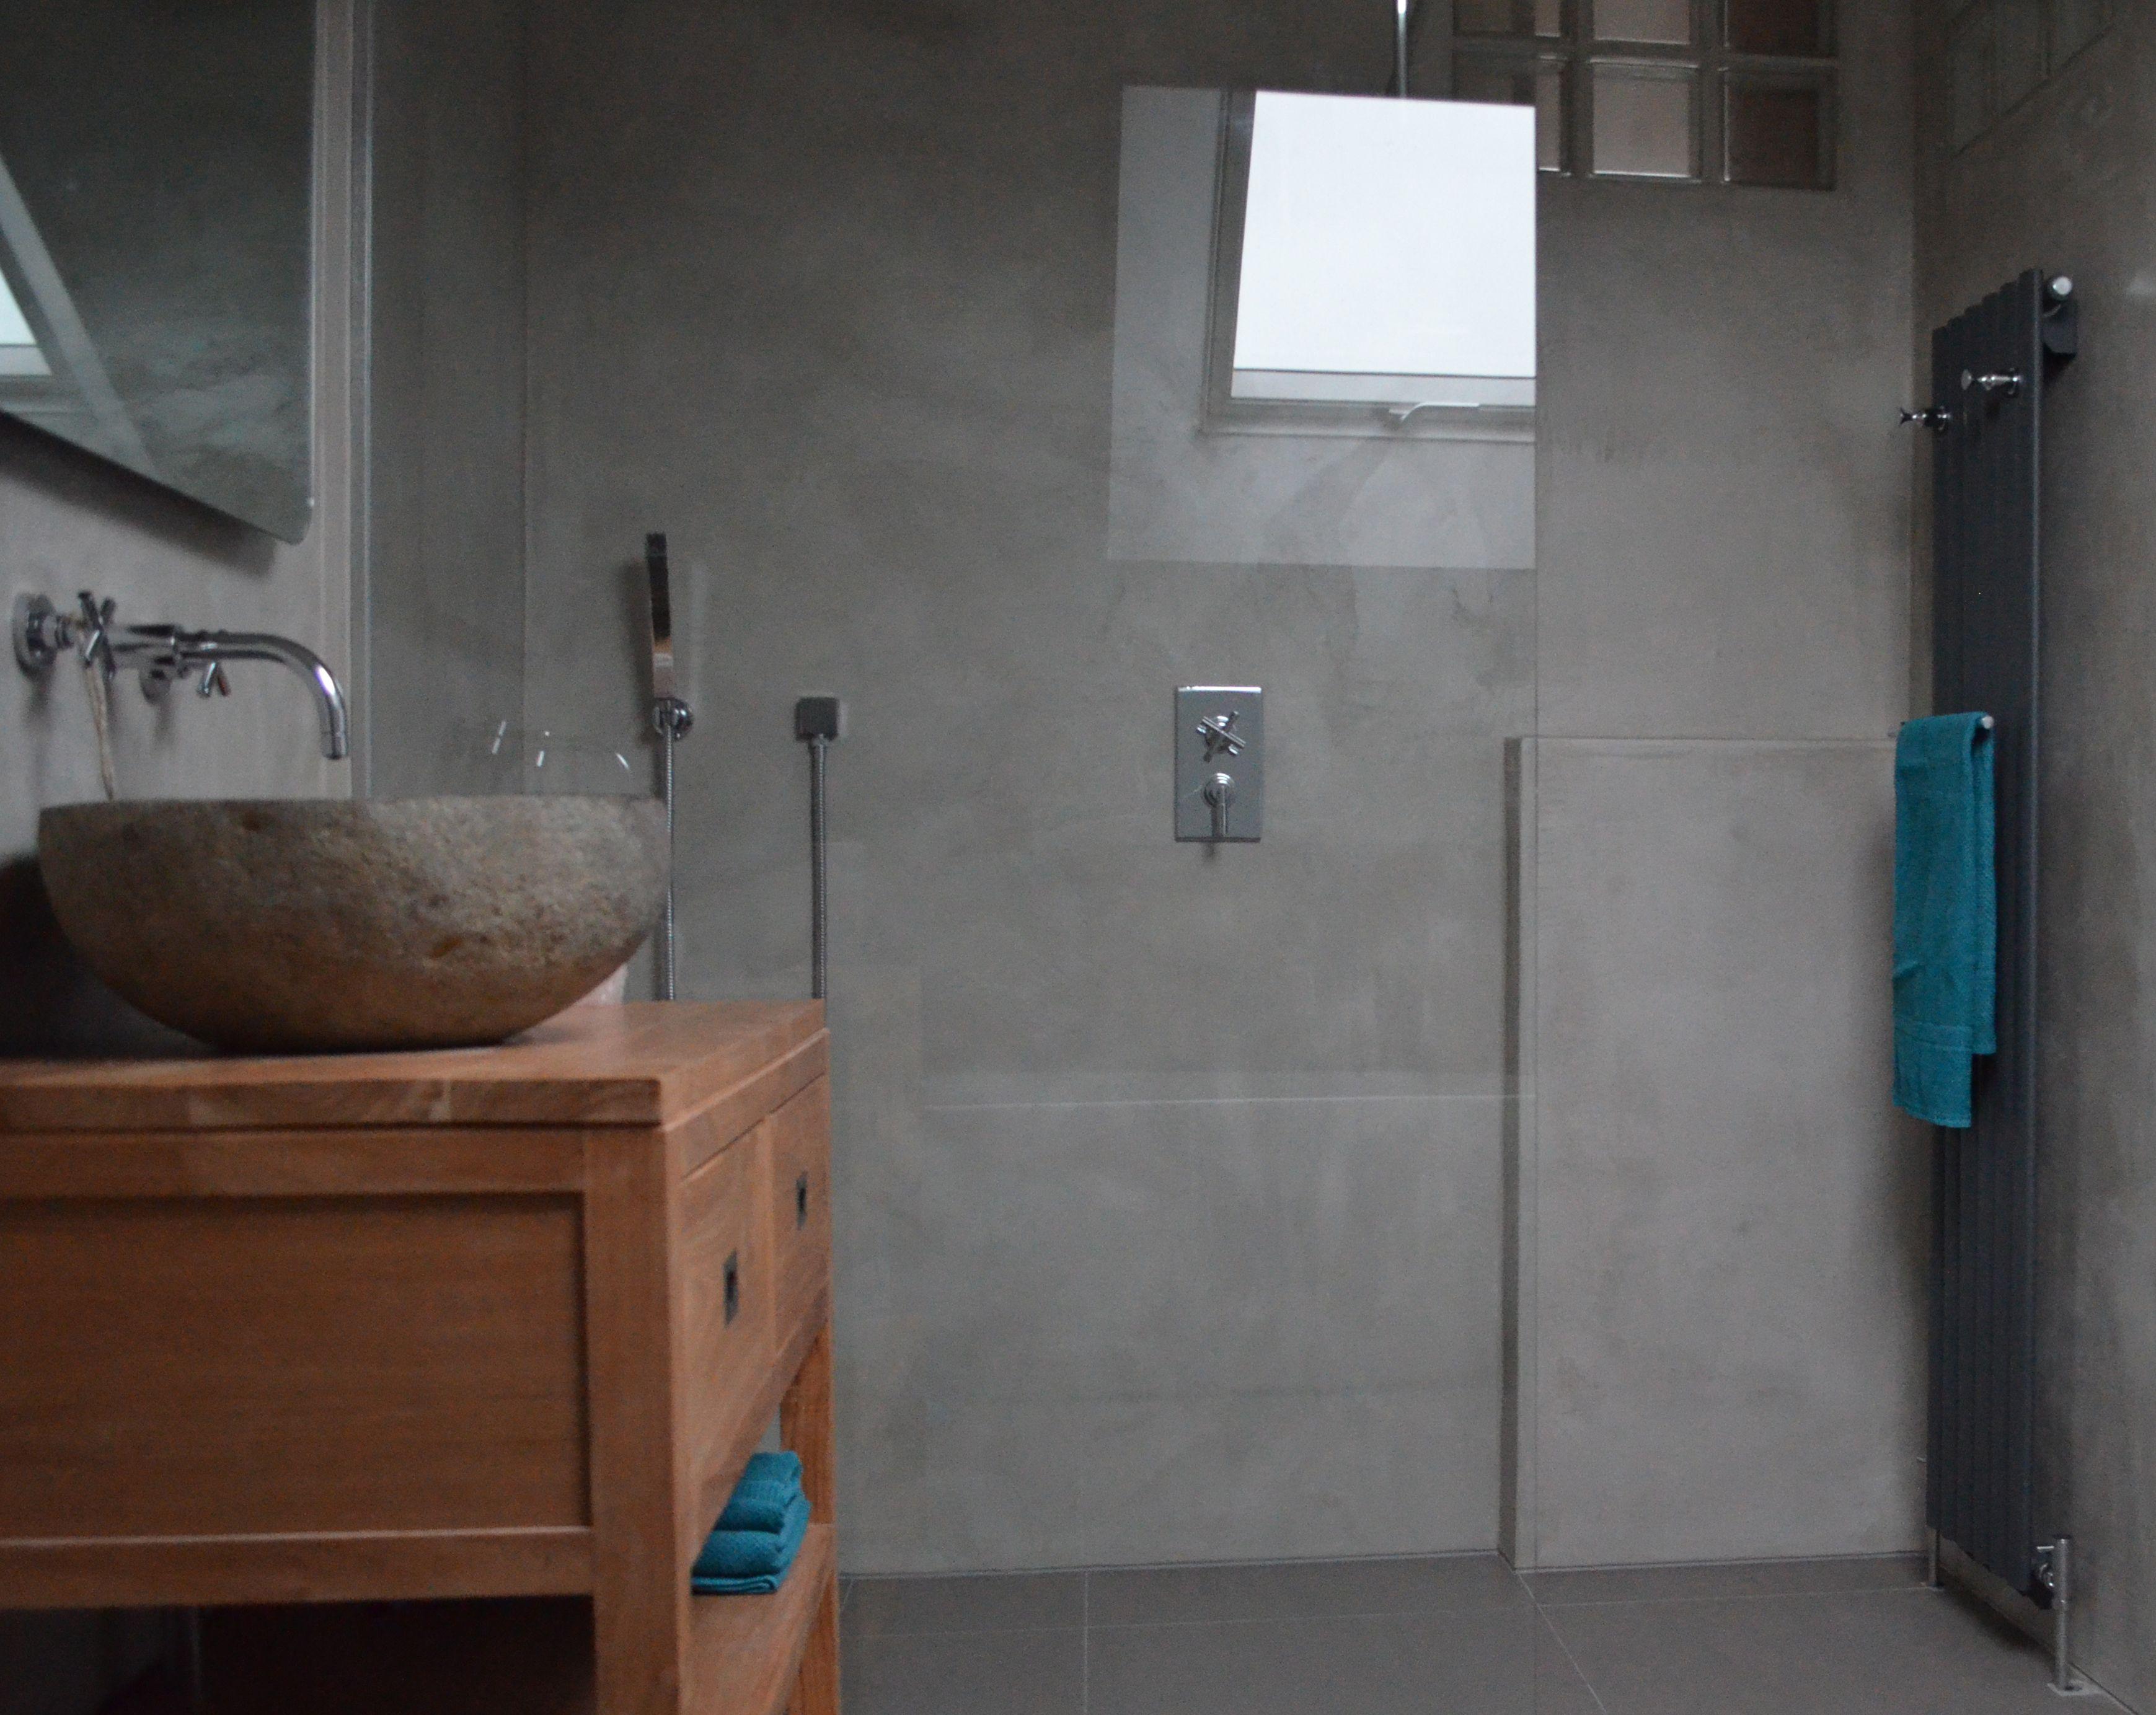 Badkamer in VERBAU-betonstuc #07/4 graniet. www.verbau.nl ...